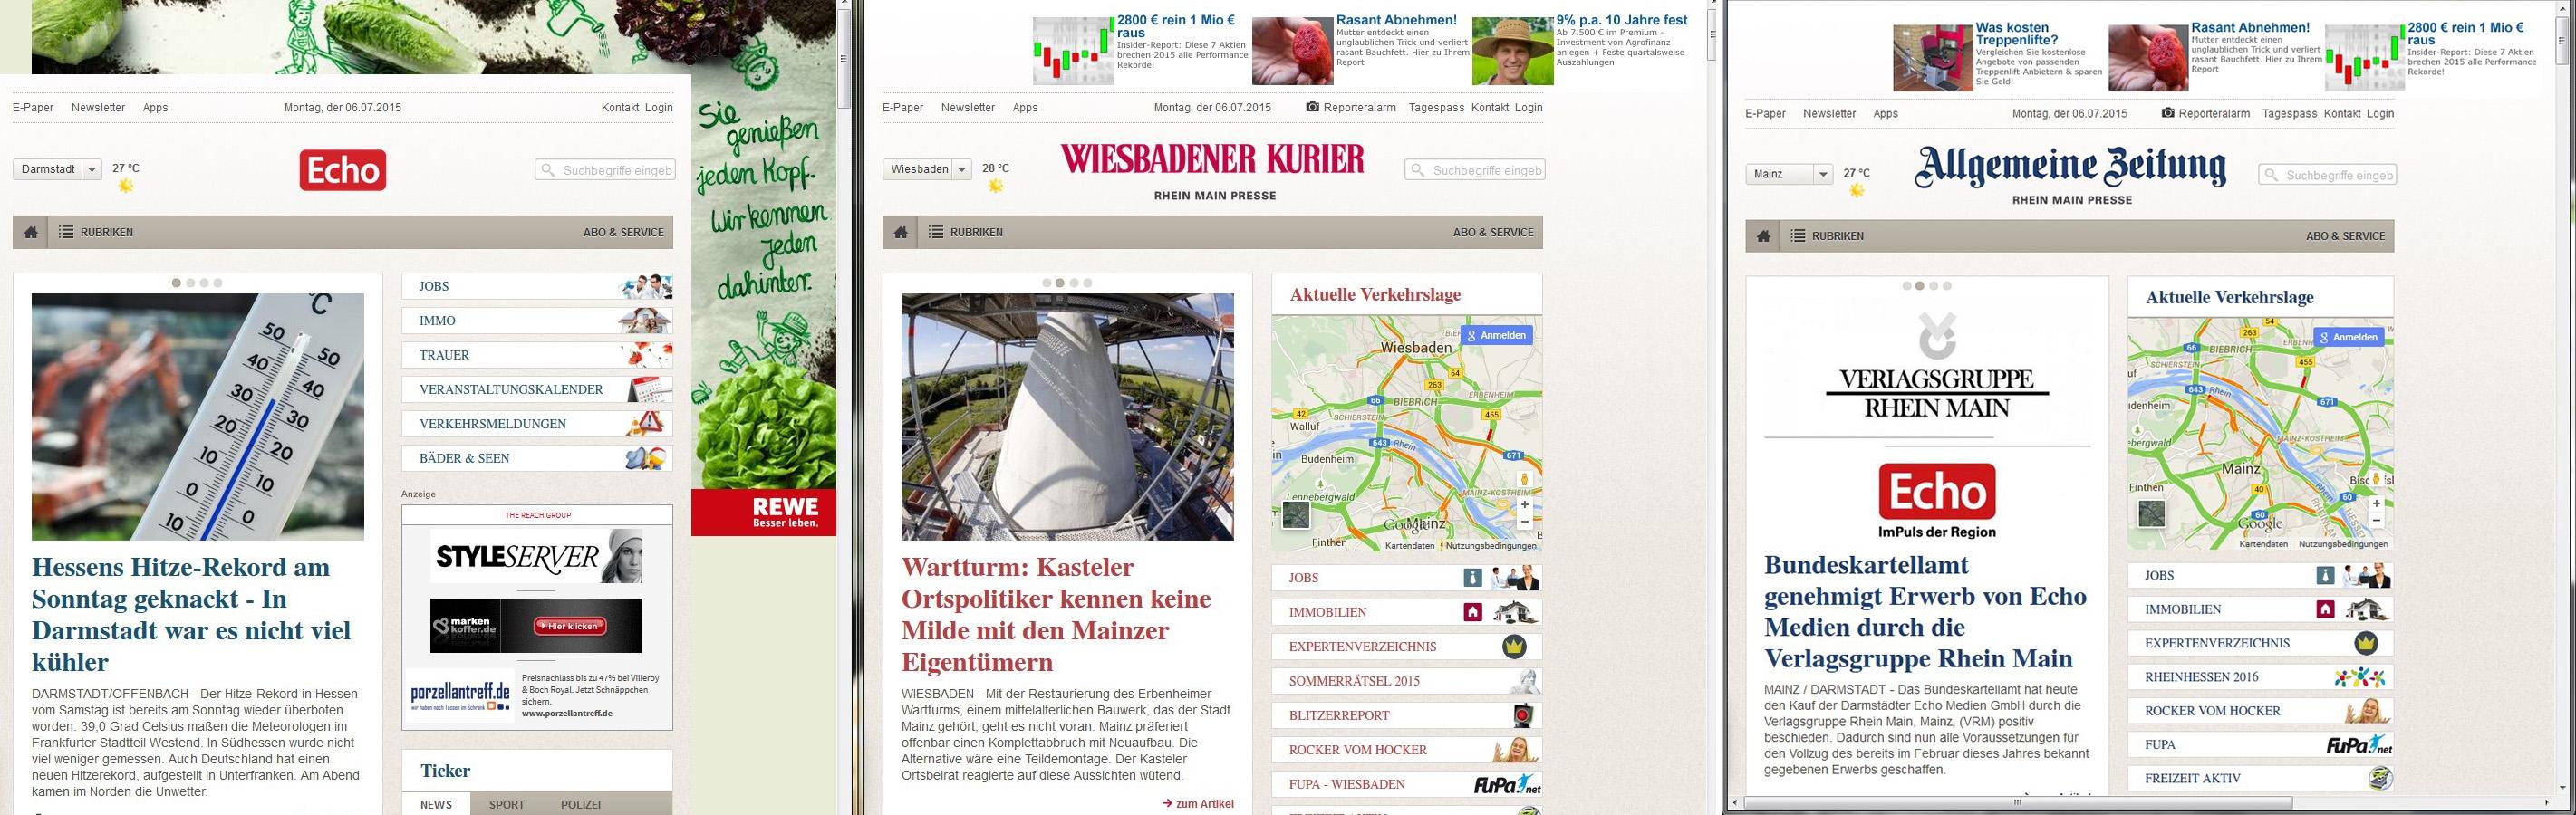 Drei Webseiten, ein Design (v.l.n.r.): Echo Online, Wiesbadener Kurrier, Allgemeine Zeitung